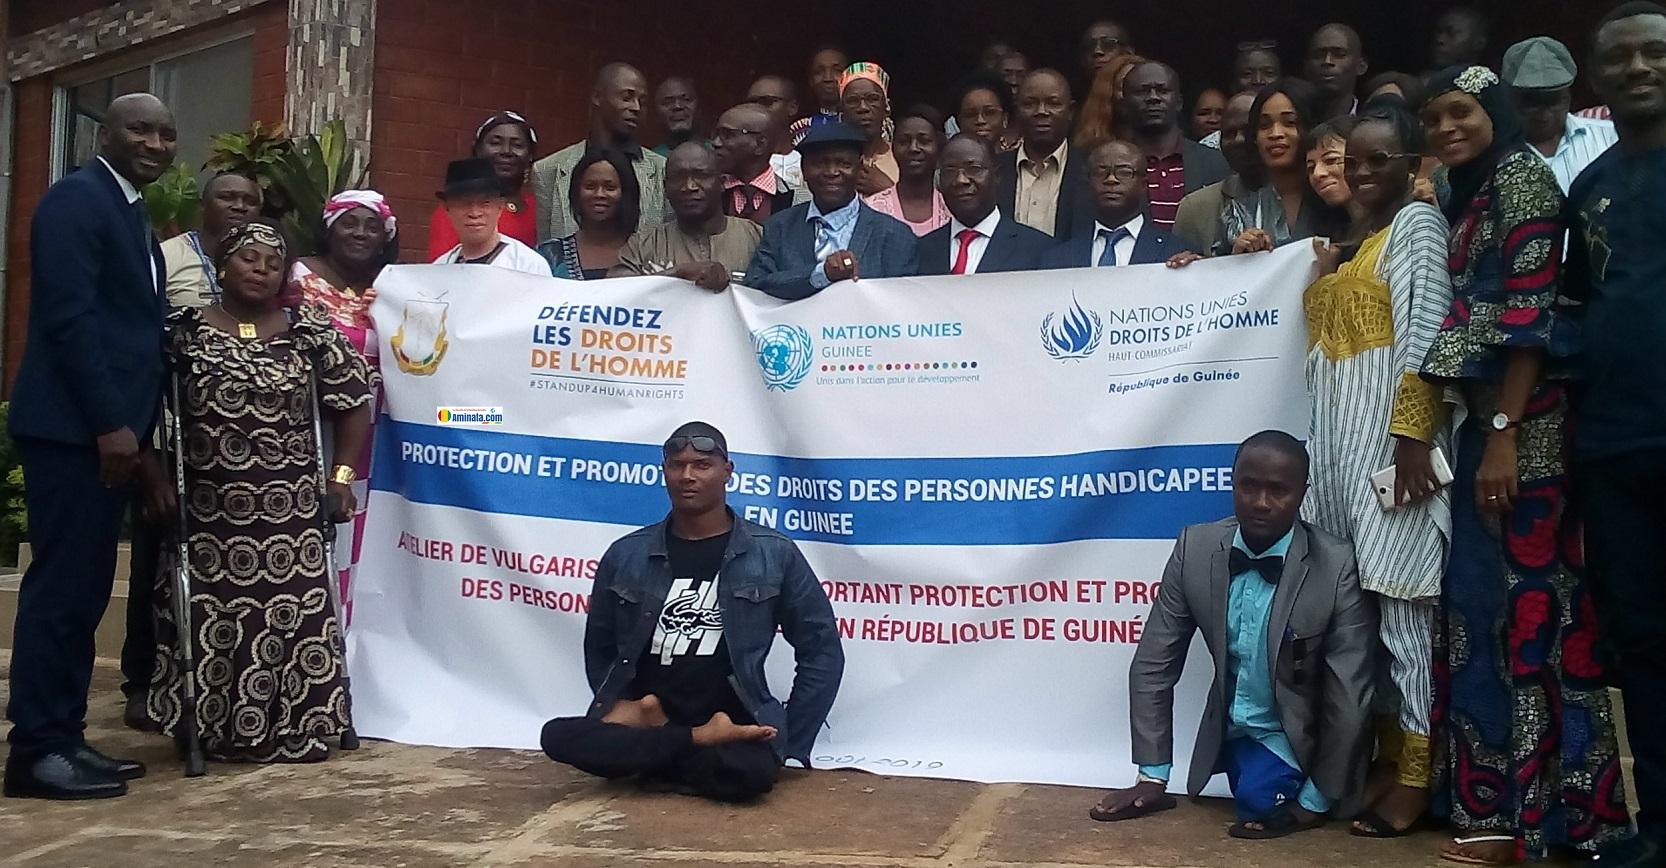 Des participants à l'atelier de vulgarisation de la loi portant protection et promotion des personnes handicapées